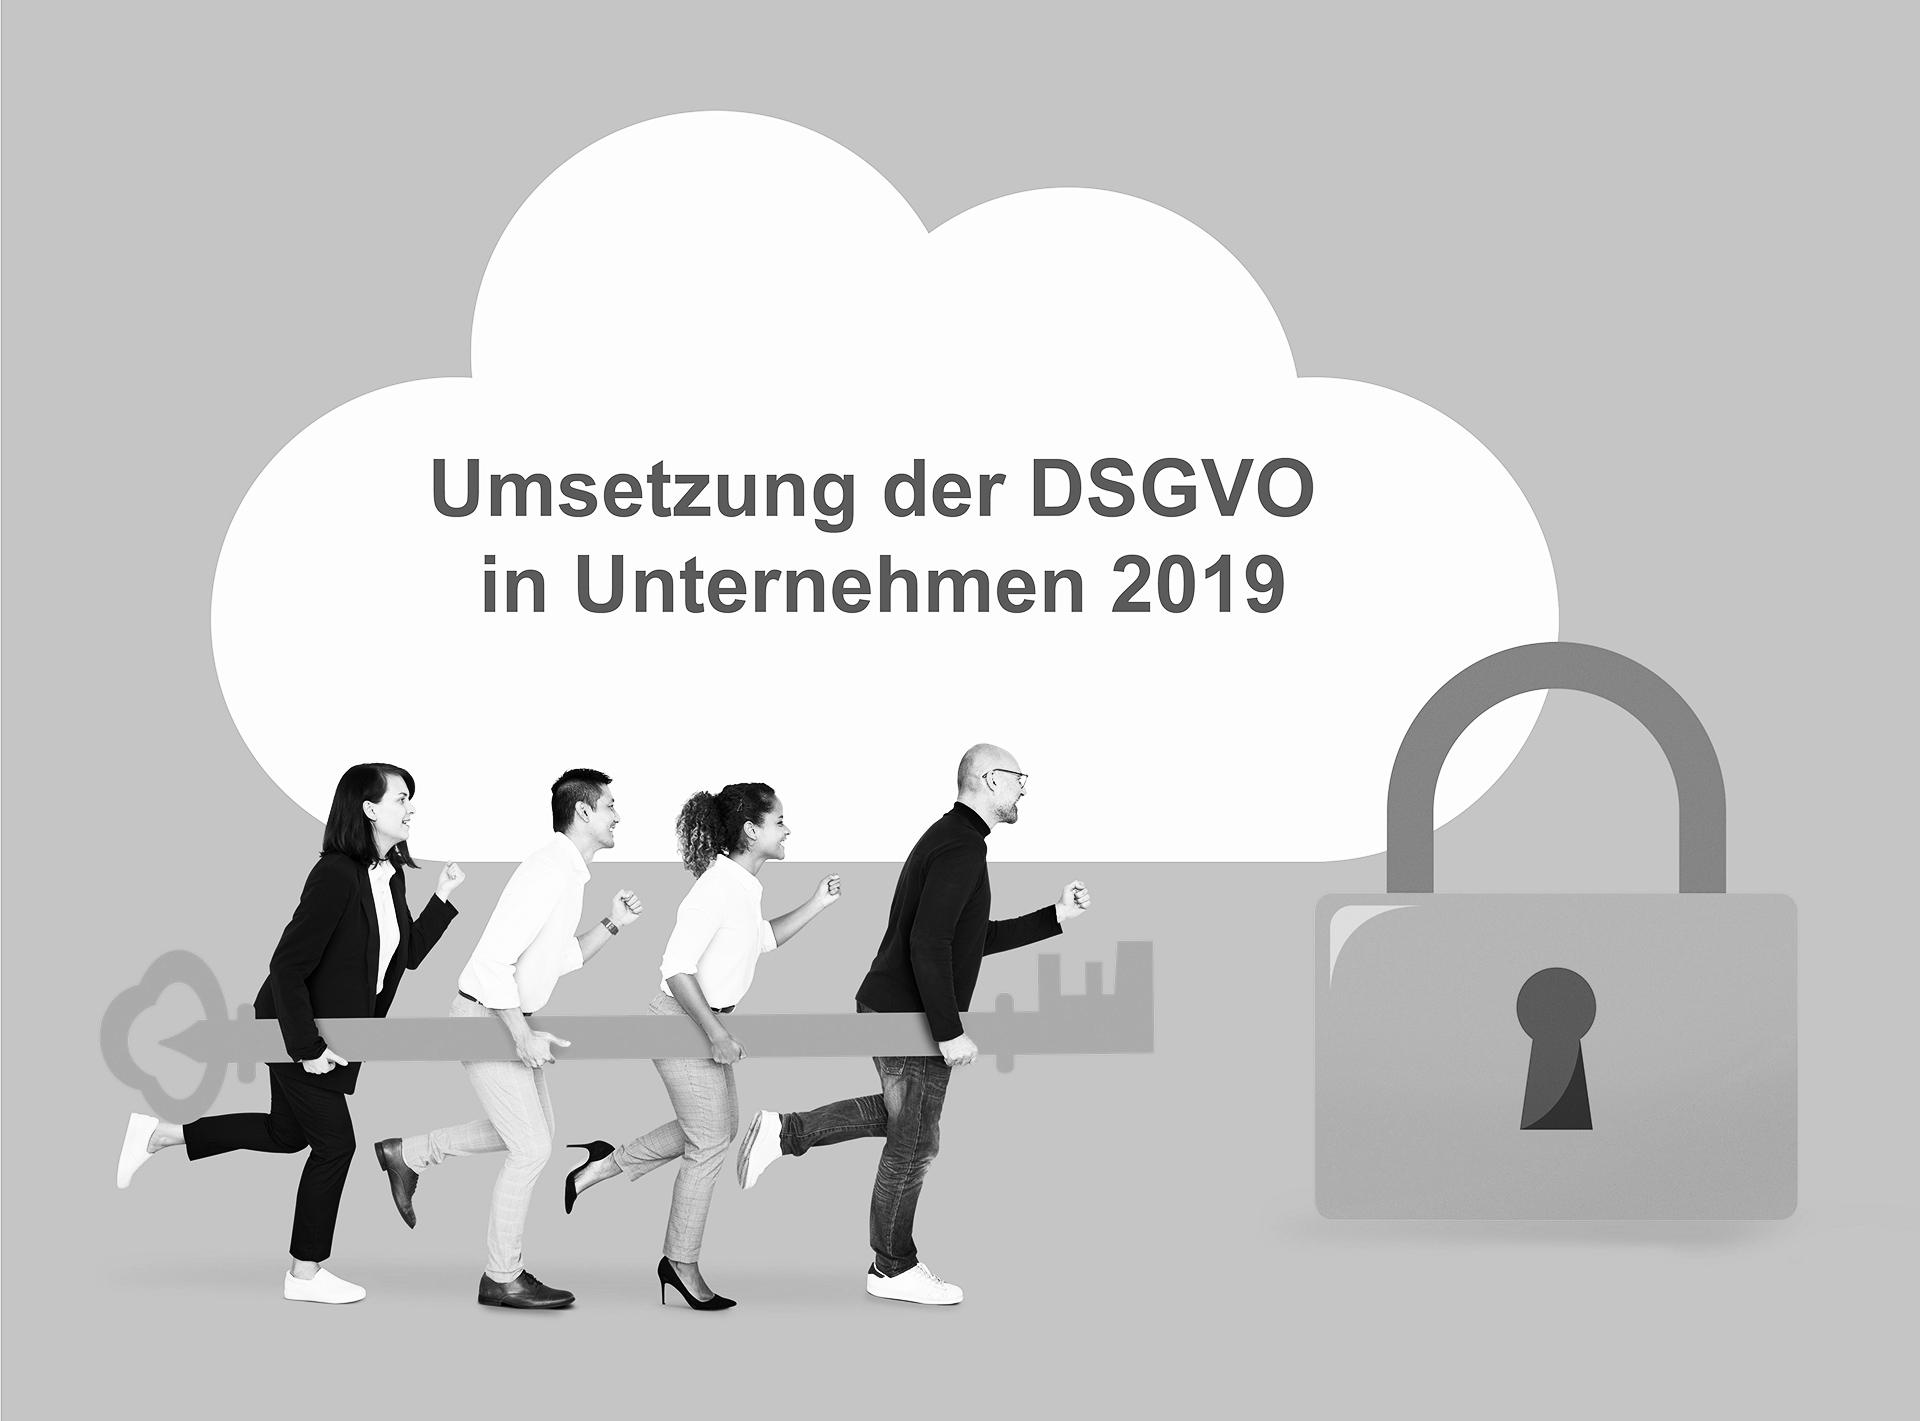 Status der Umsetzung der DSGVO in Unternehmen